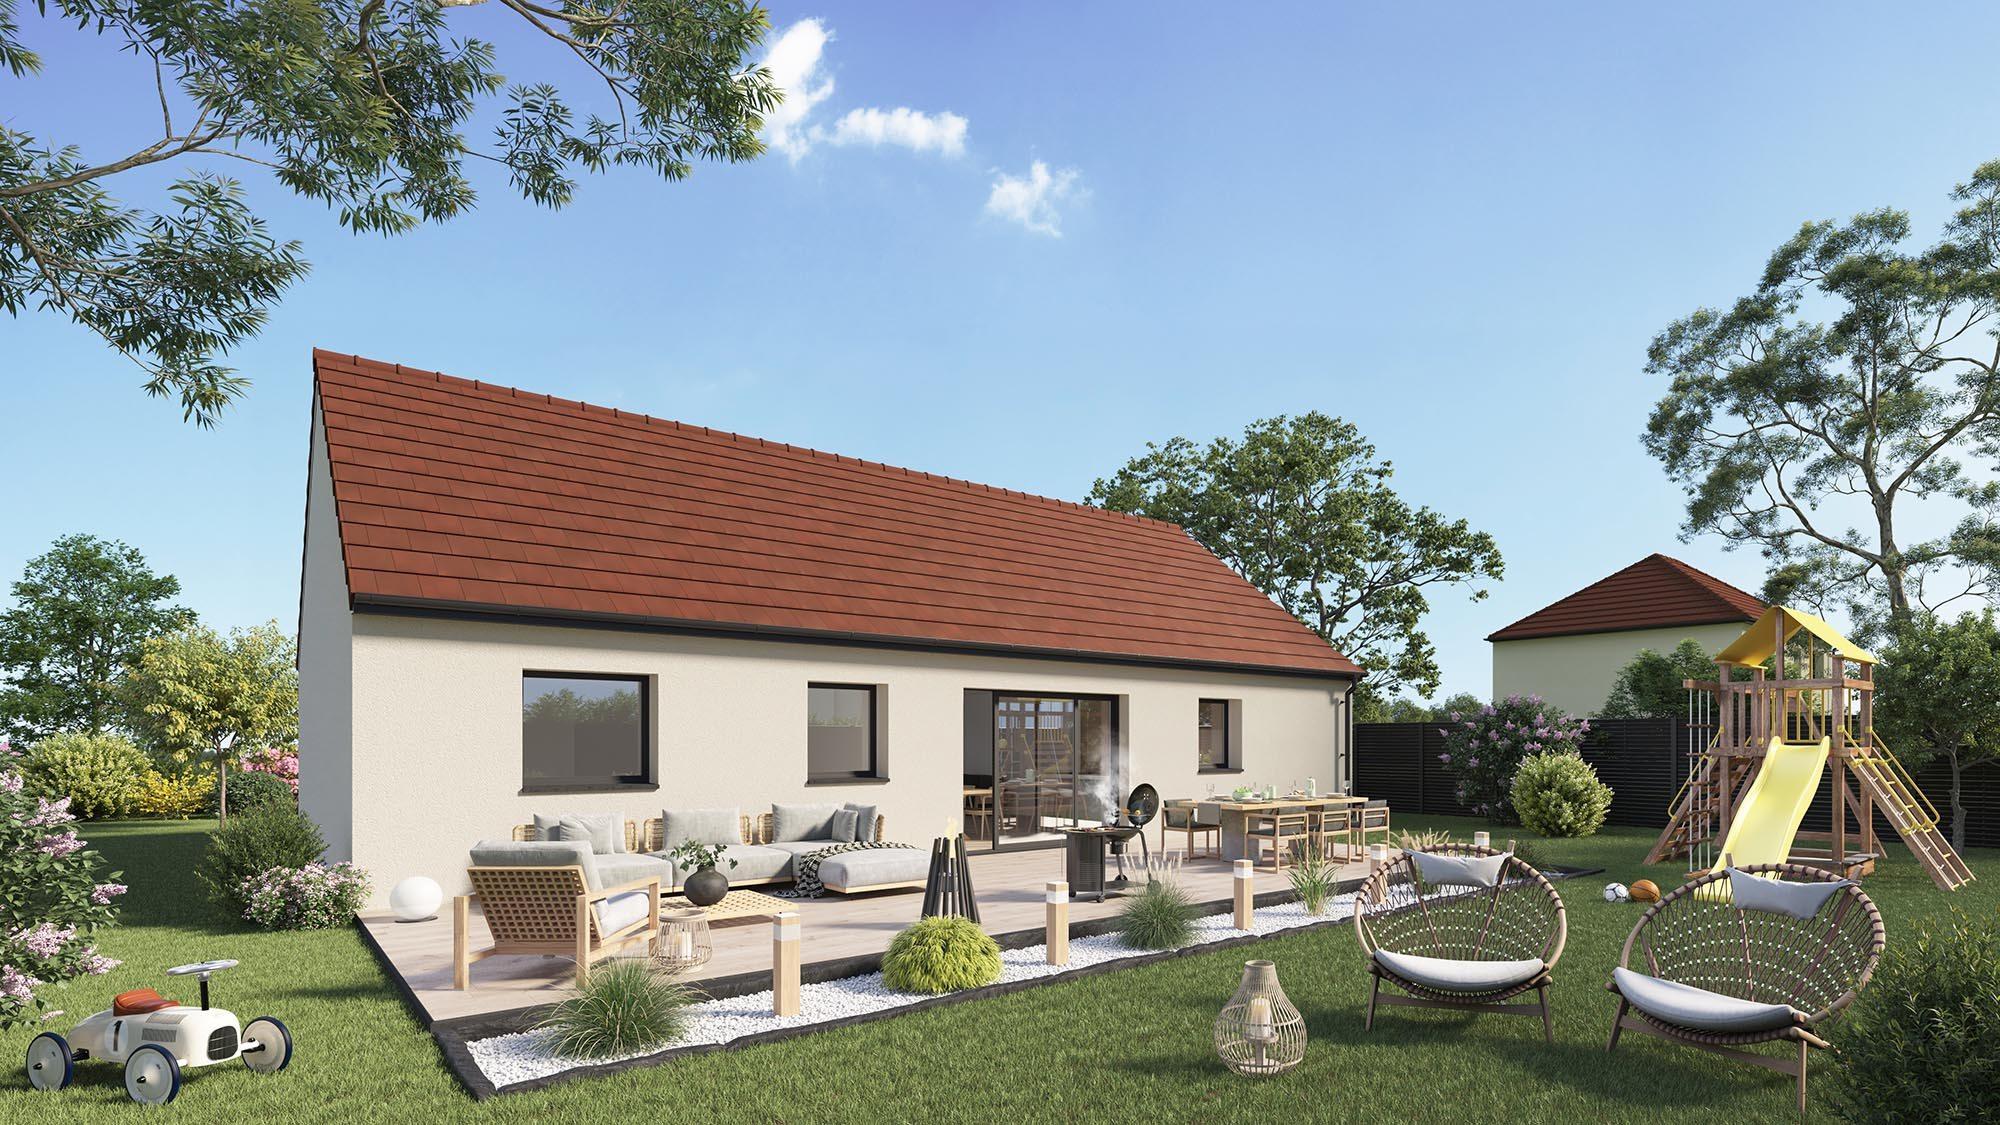 Maisons + Terrains du constructeur Maison Castor St Omer • 98 m² • BAVINCHOVE